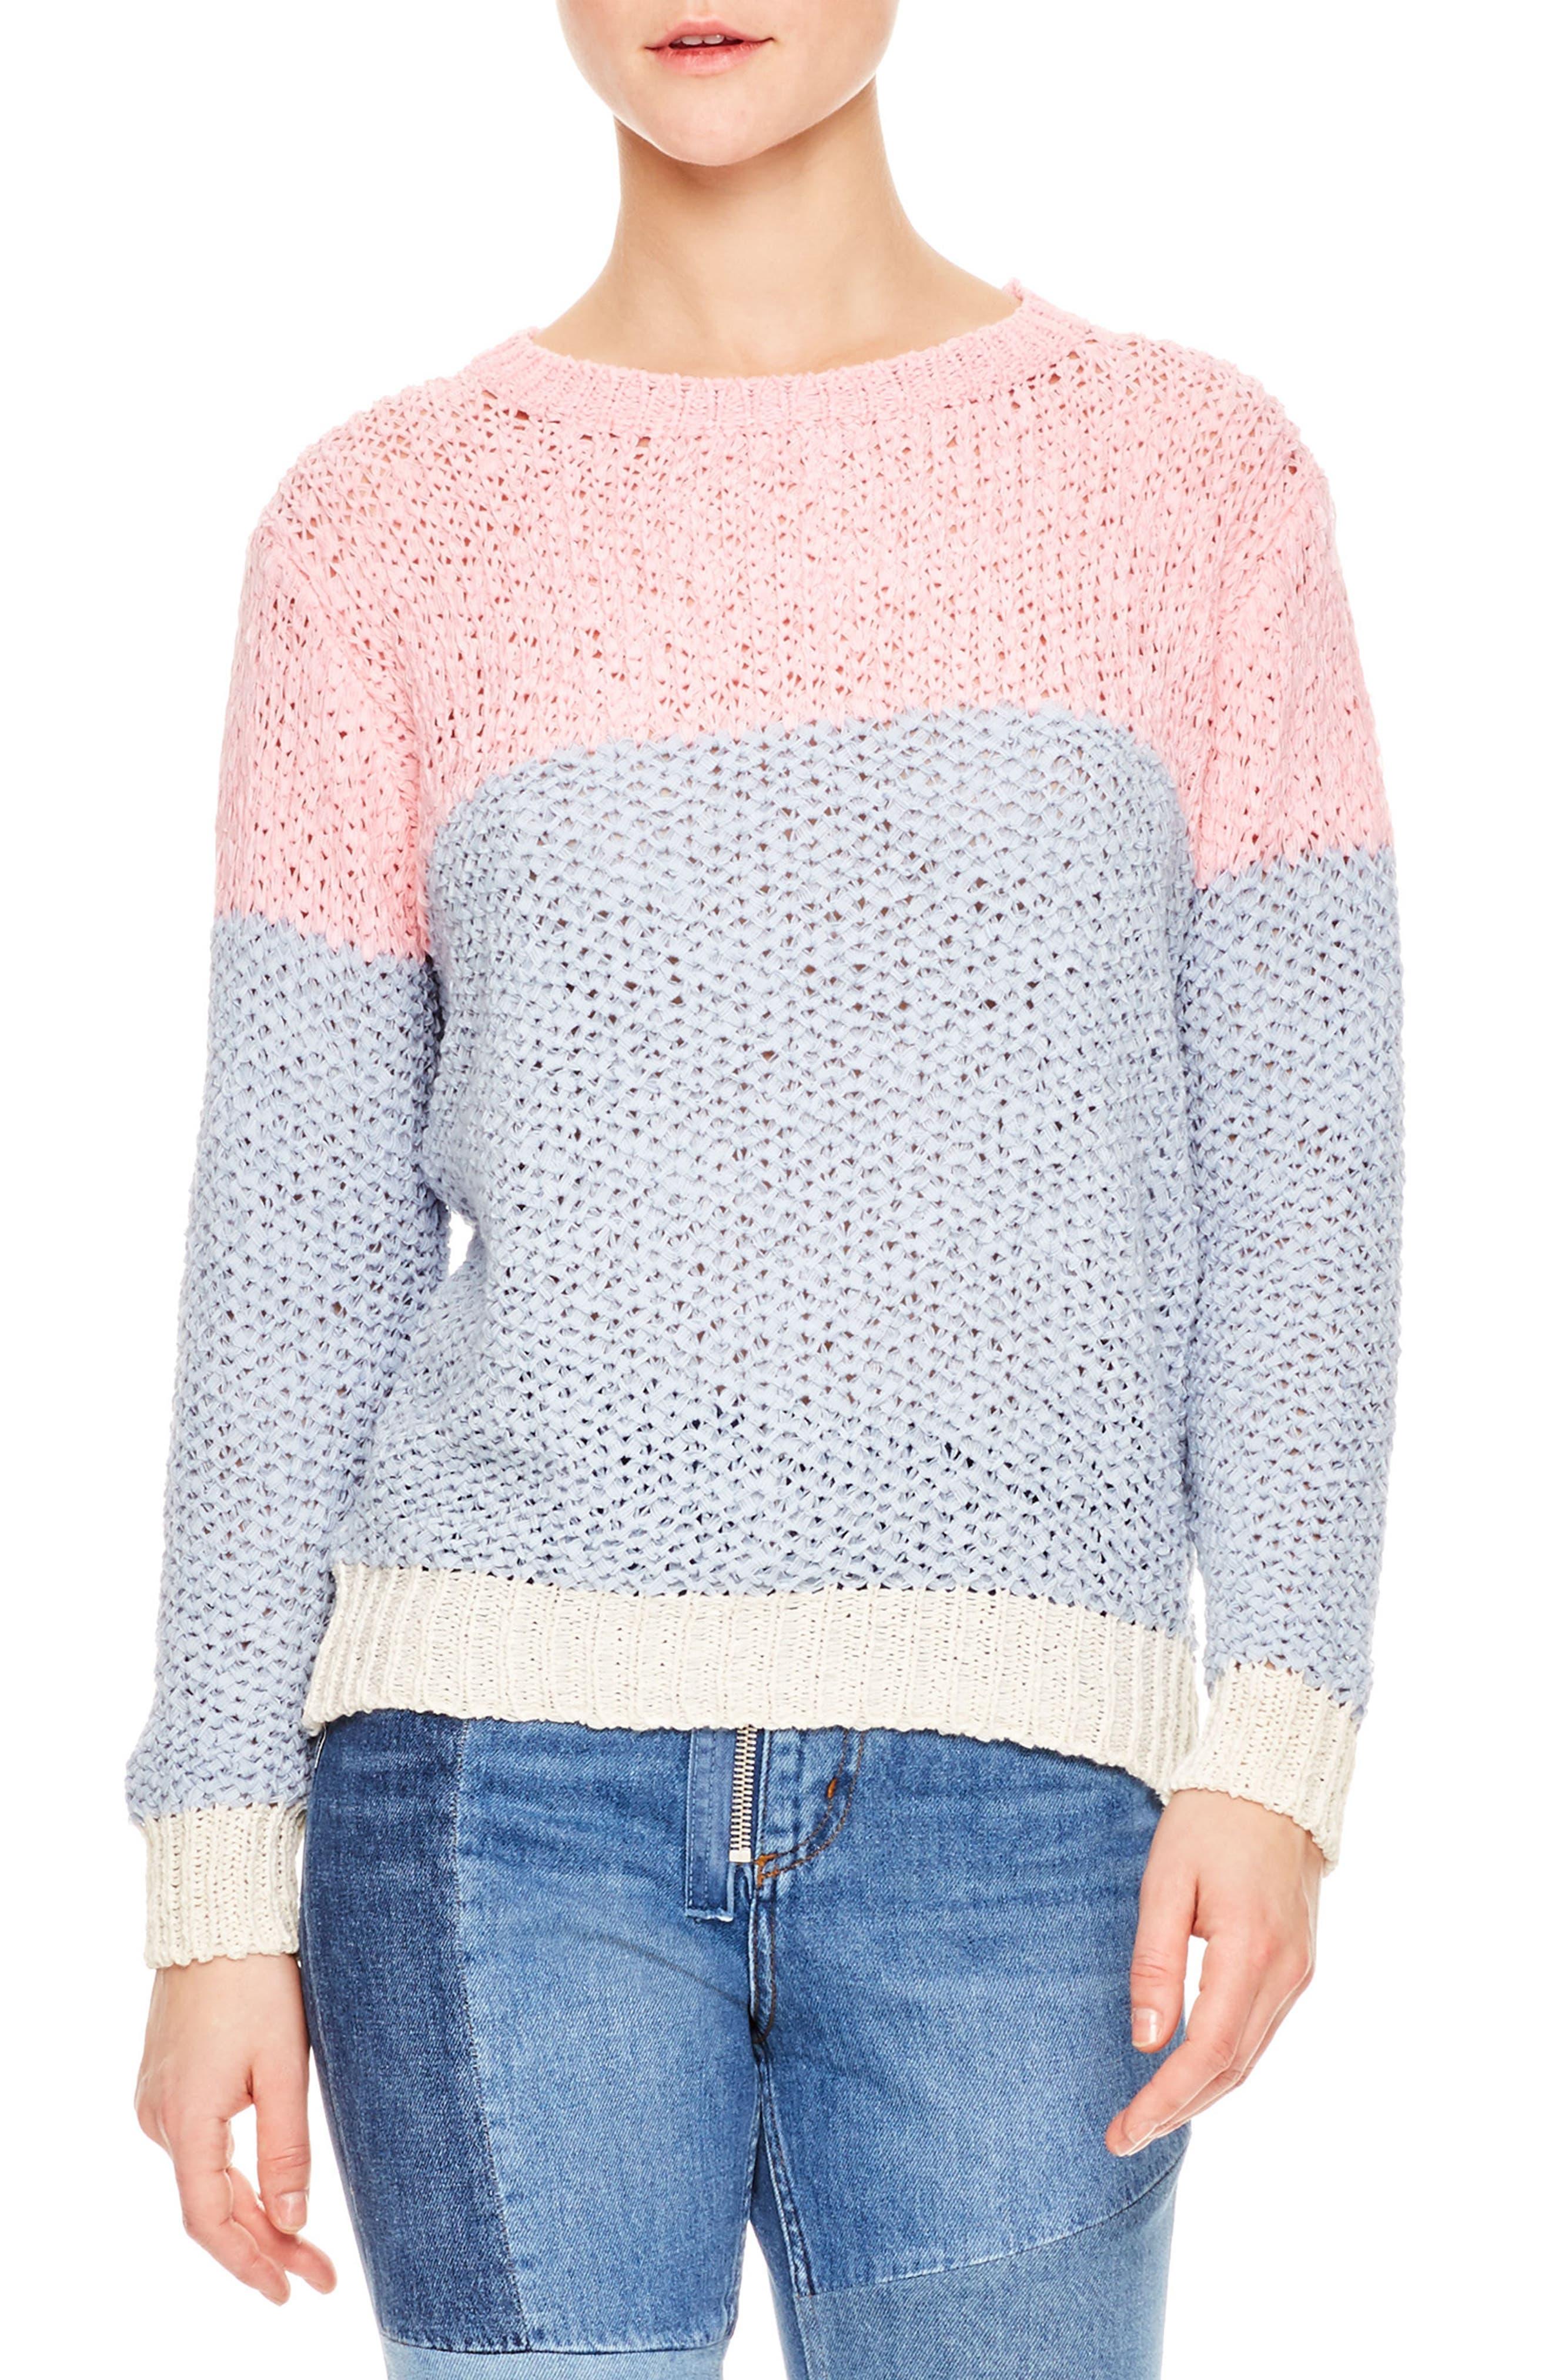 Malabar Colorblock Knit Sweater,                         Main,                         color, Malabar